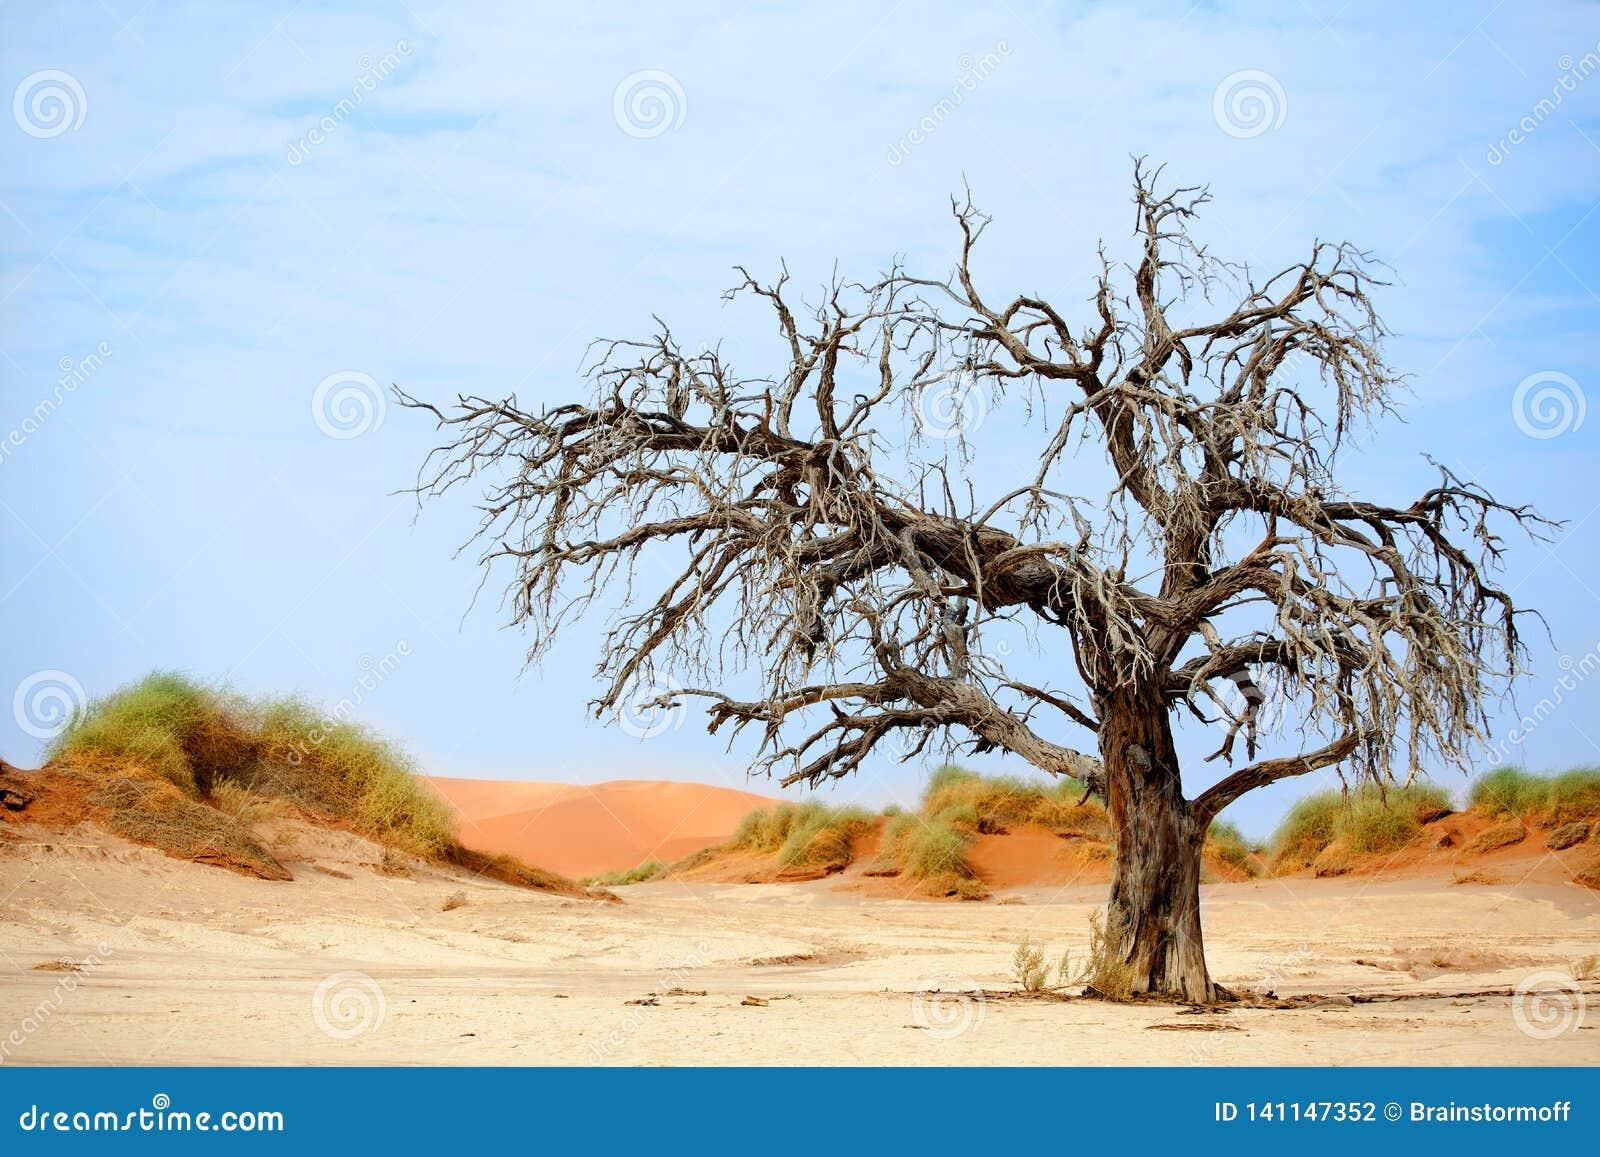 Árvore secada da acácia do camelo em dunas de areia alaranjadas e no fundo brilhante do céu azul, Namíbia, África meridional